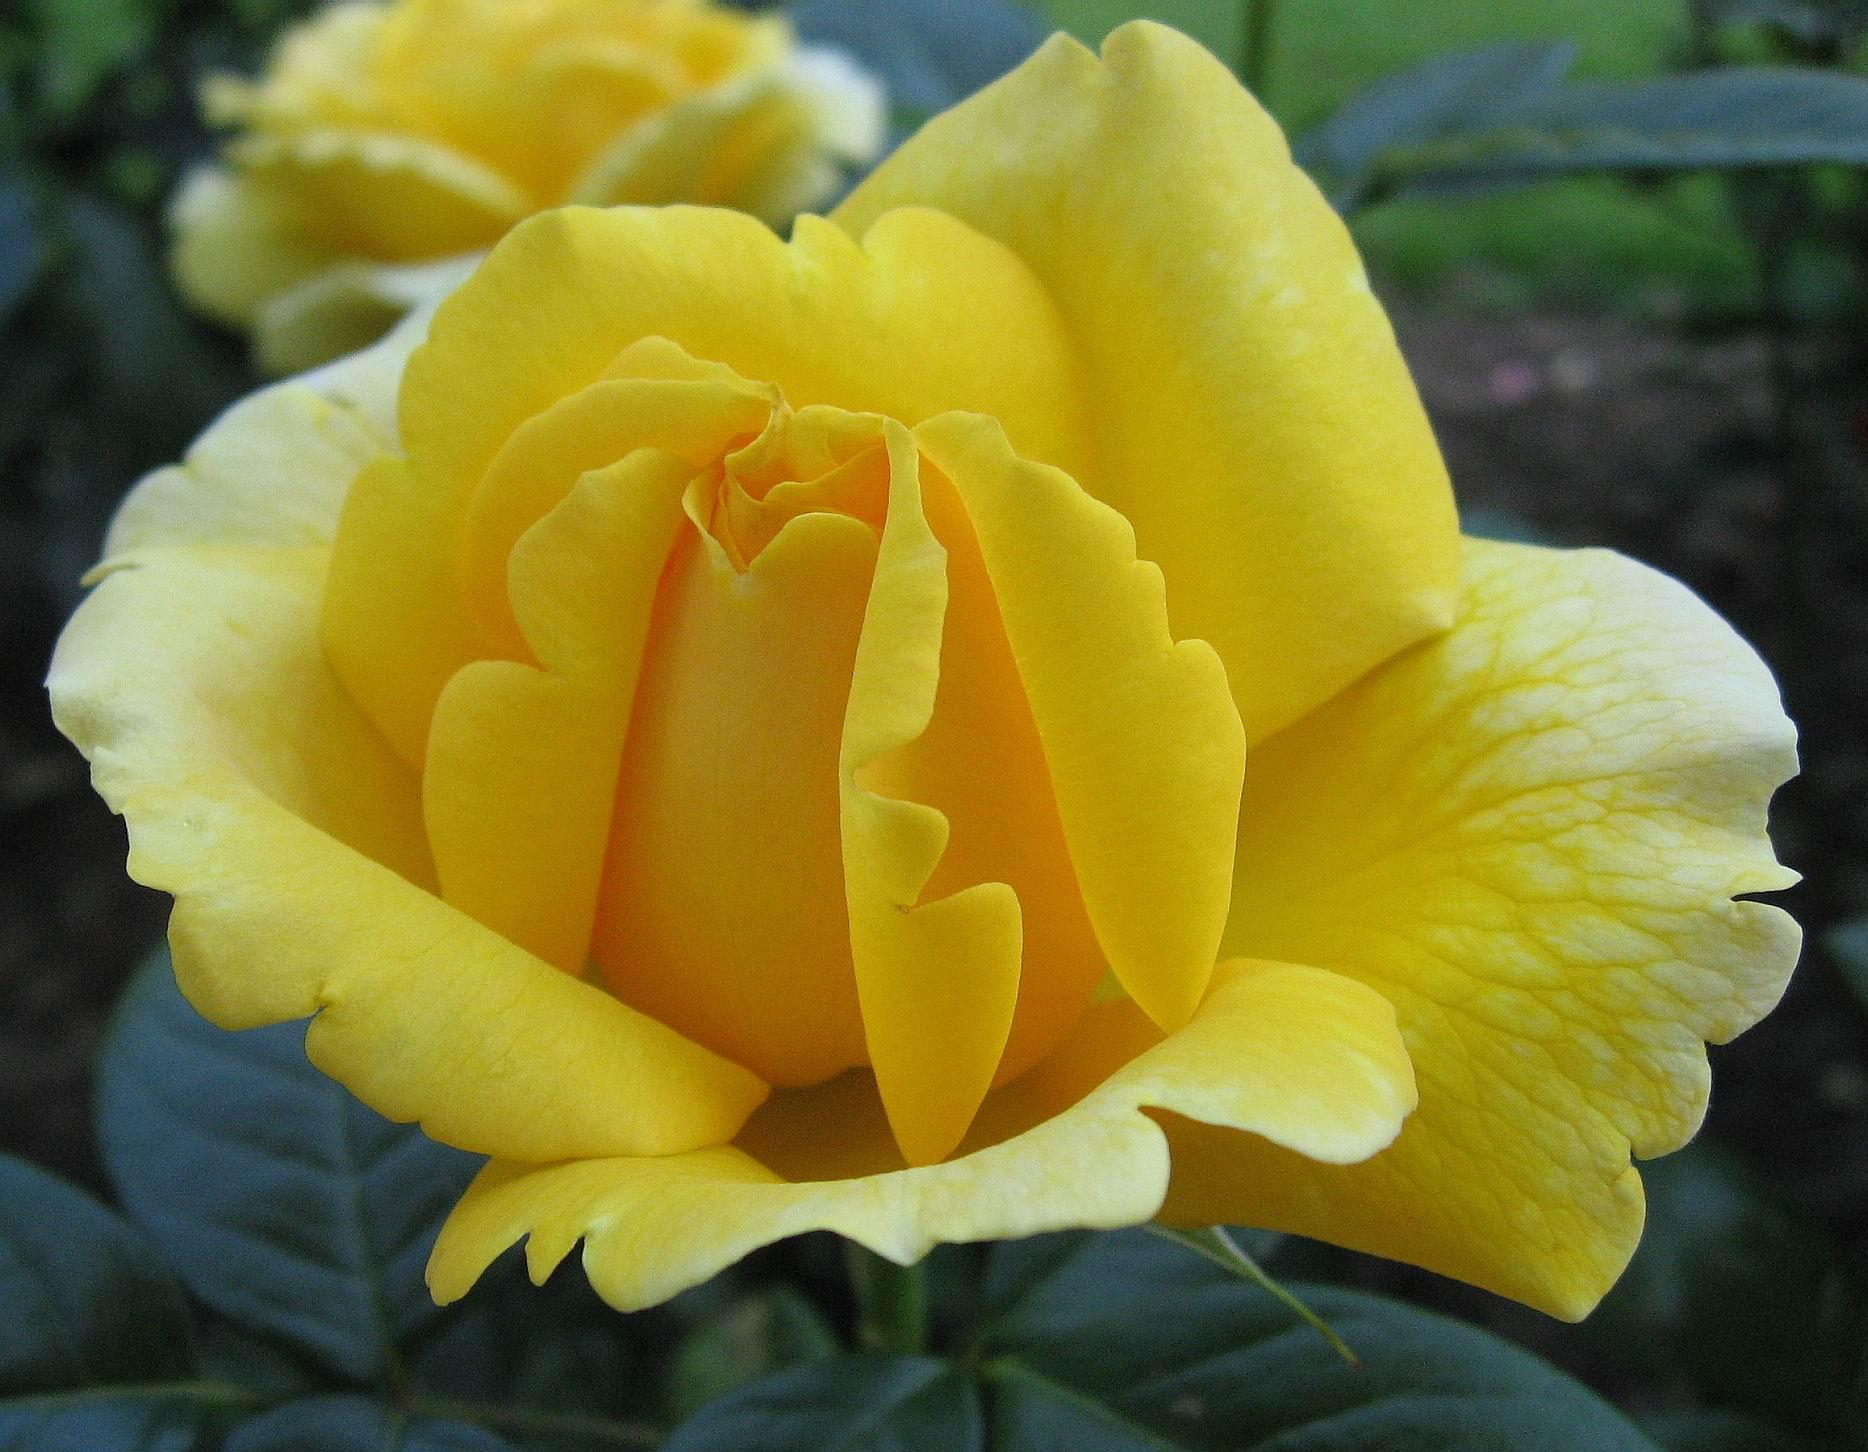 صورة اجمل ورود في العالم , اجمل الكلمات عن الورد واحلى الصور